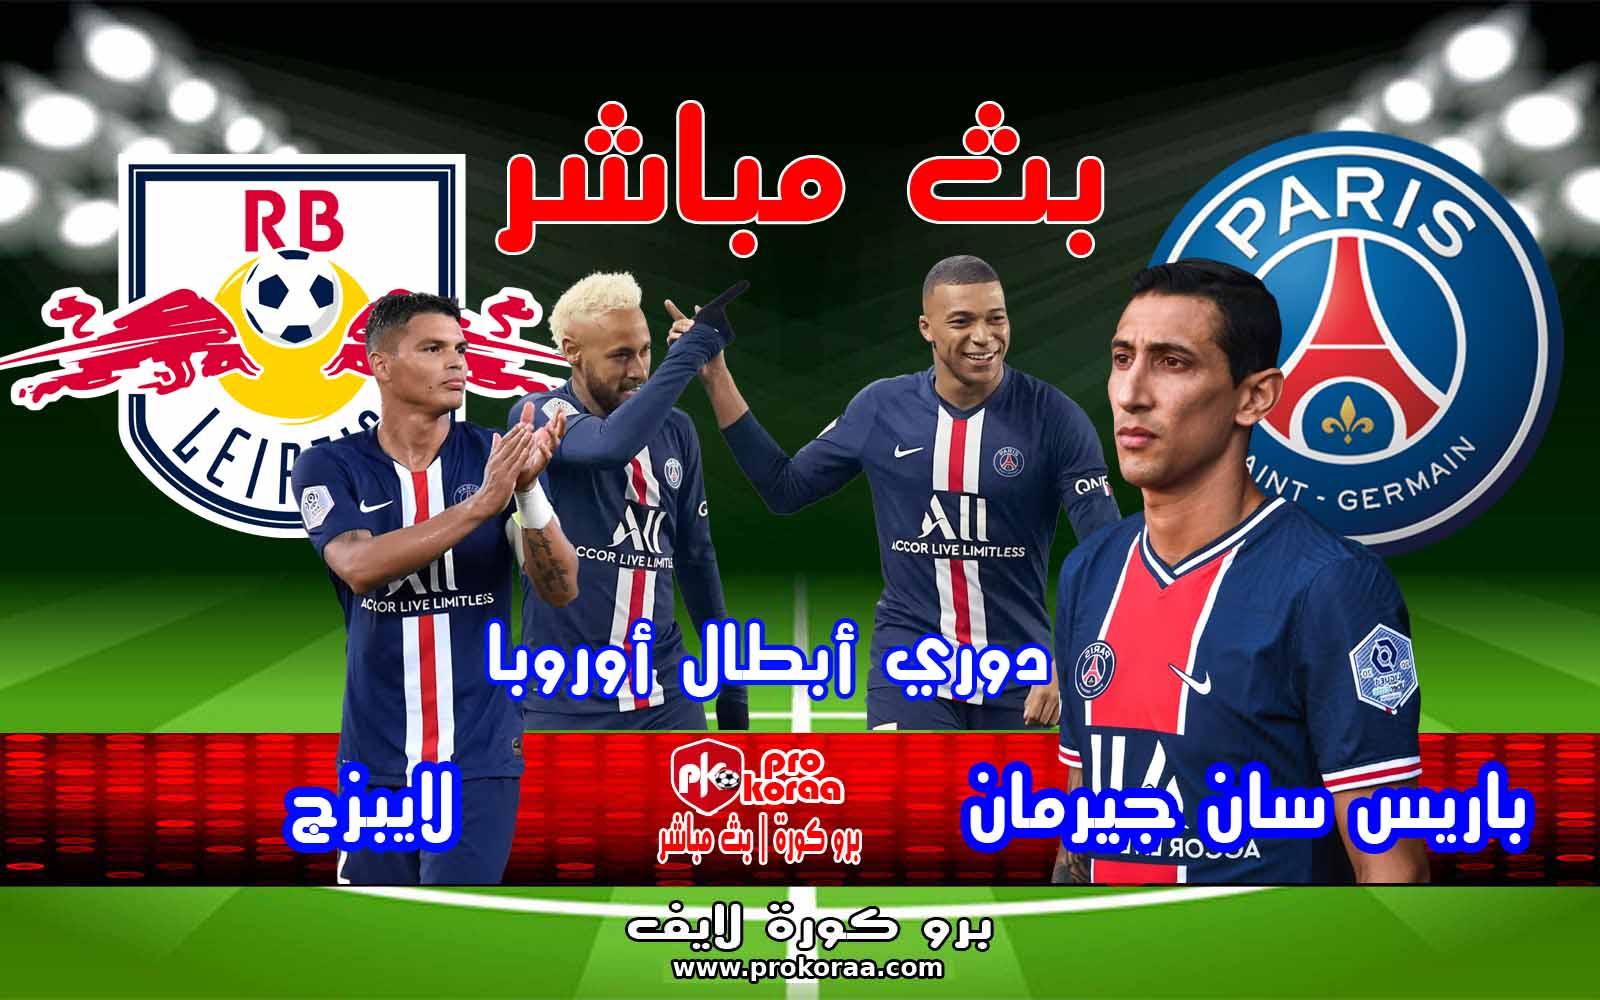 مشاهدة مباراة باريس سان جيرمان ولايبزج بث مباشر